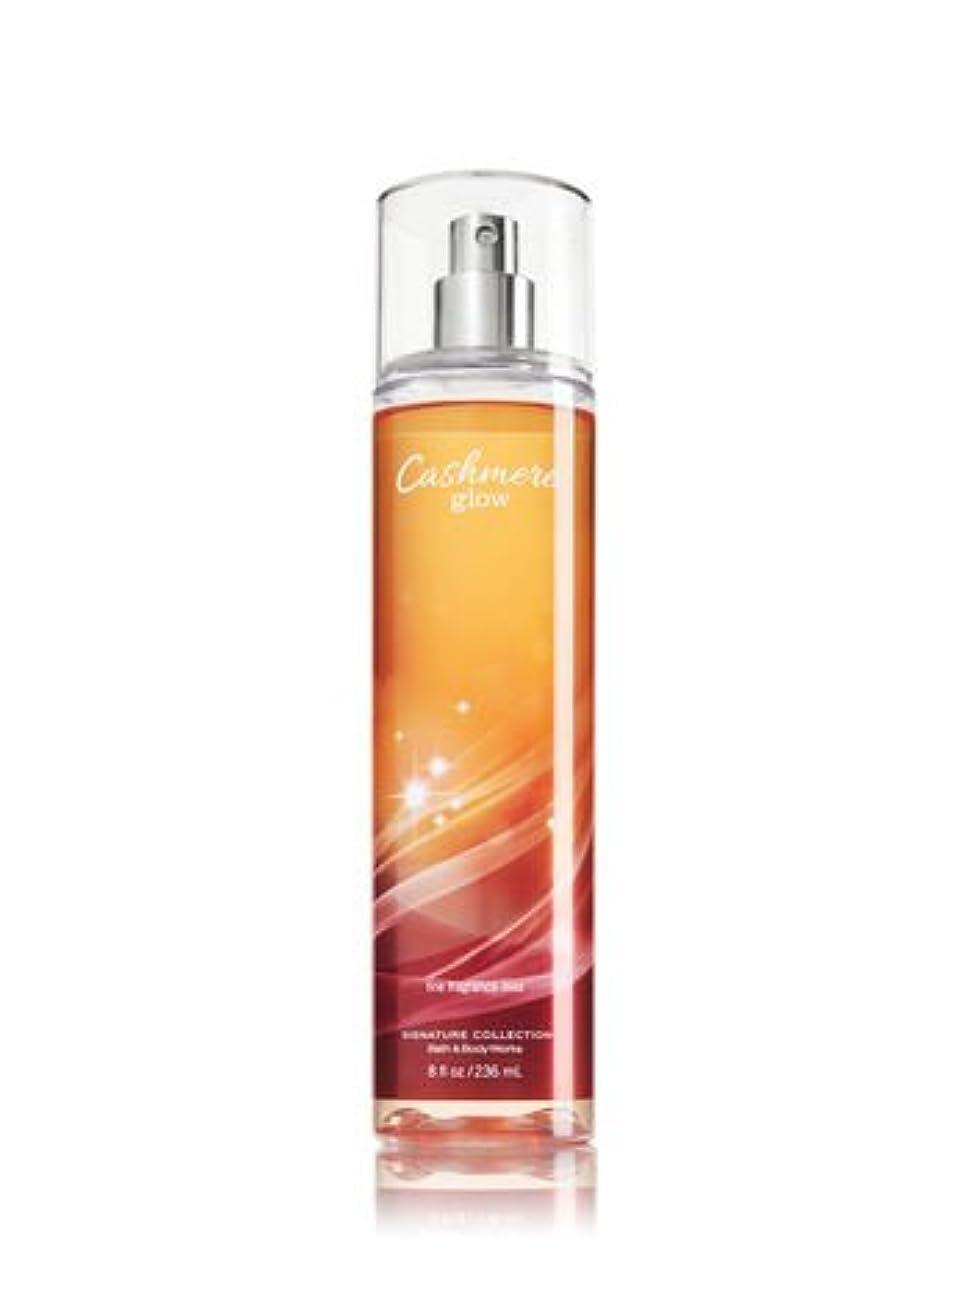 失分離無実【Bath&Body Works/バス&ボディワークス】 ファインフレグランスミスト カシミアグロー Fine Fragrance Mist Cashmere Glow 8oz (236ml) [並行輸入品]